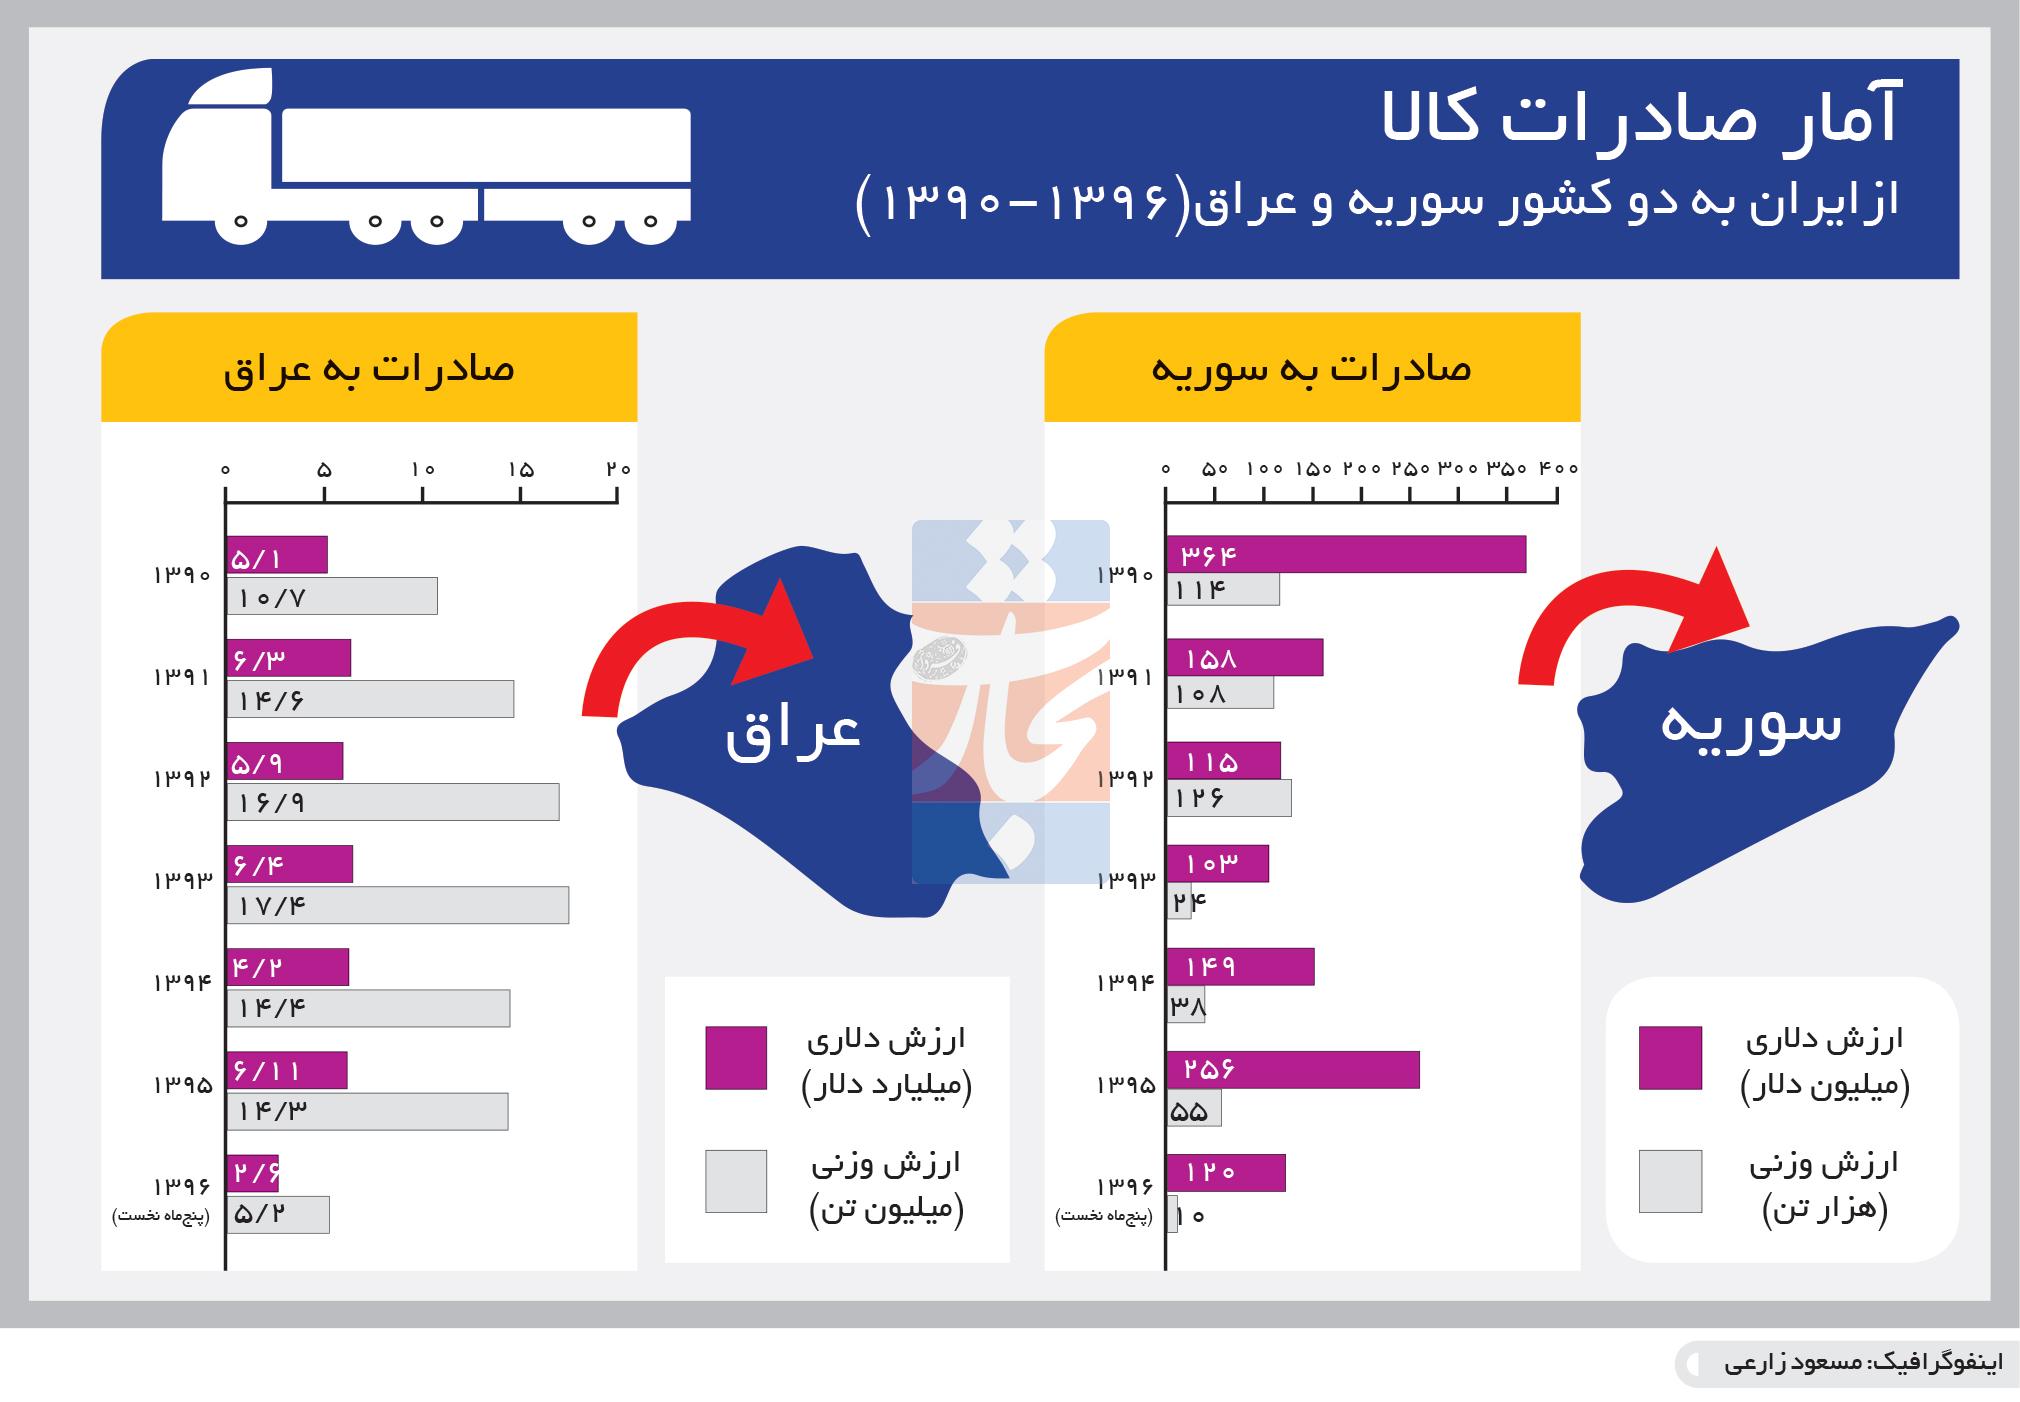 تجارت- فردا- آمار صادرات کالا(اینفوگرافیک)